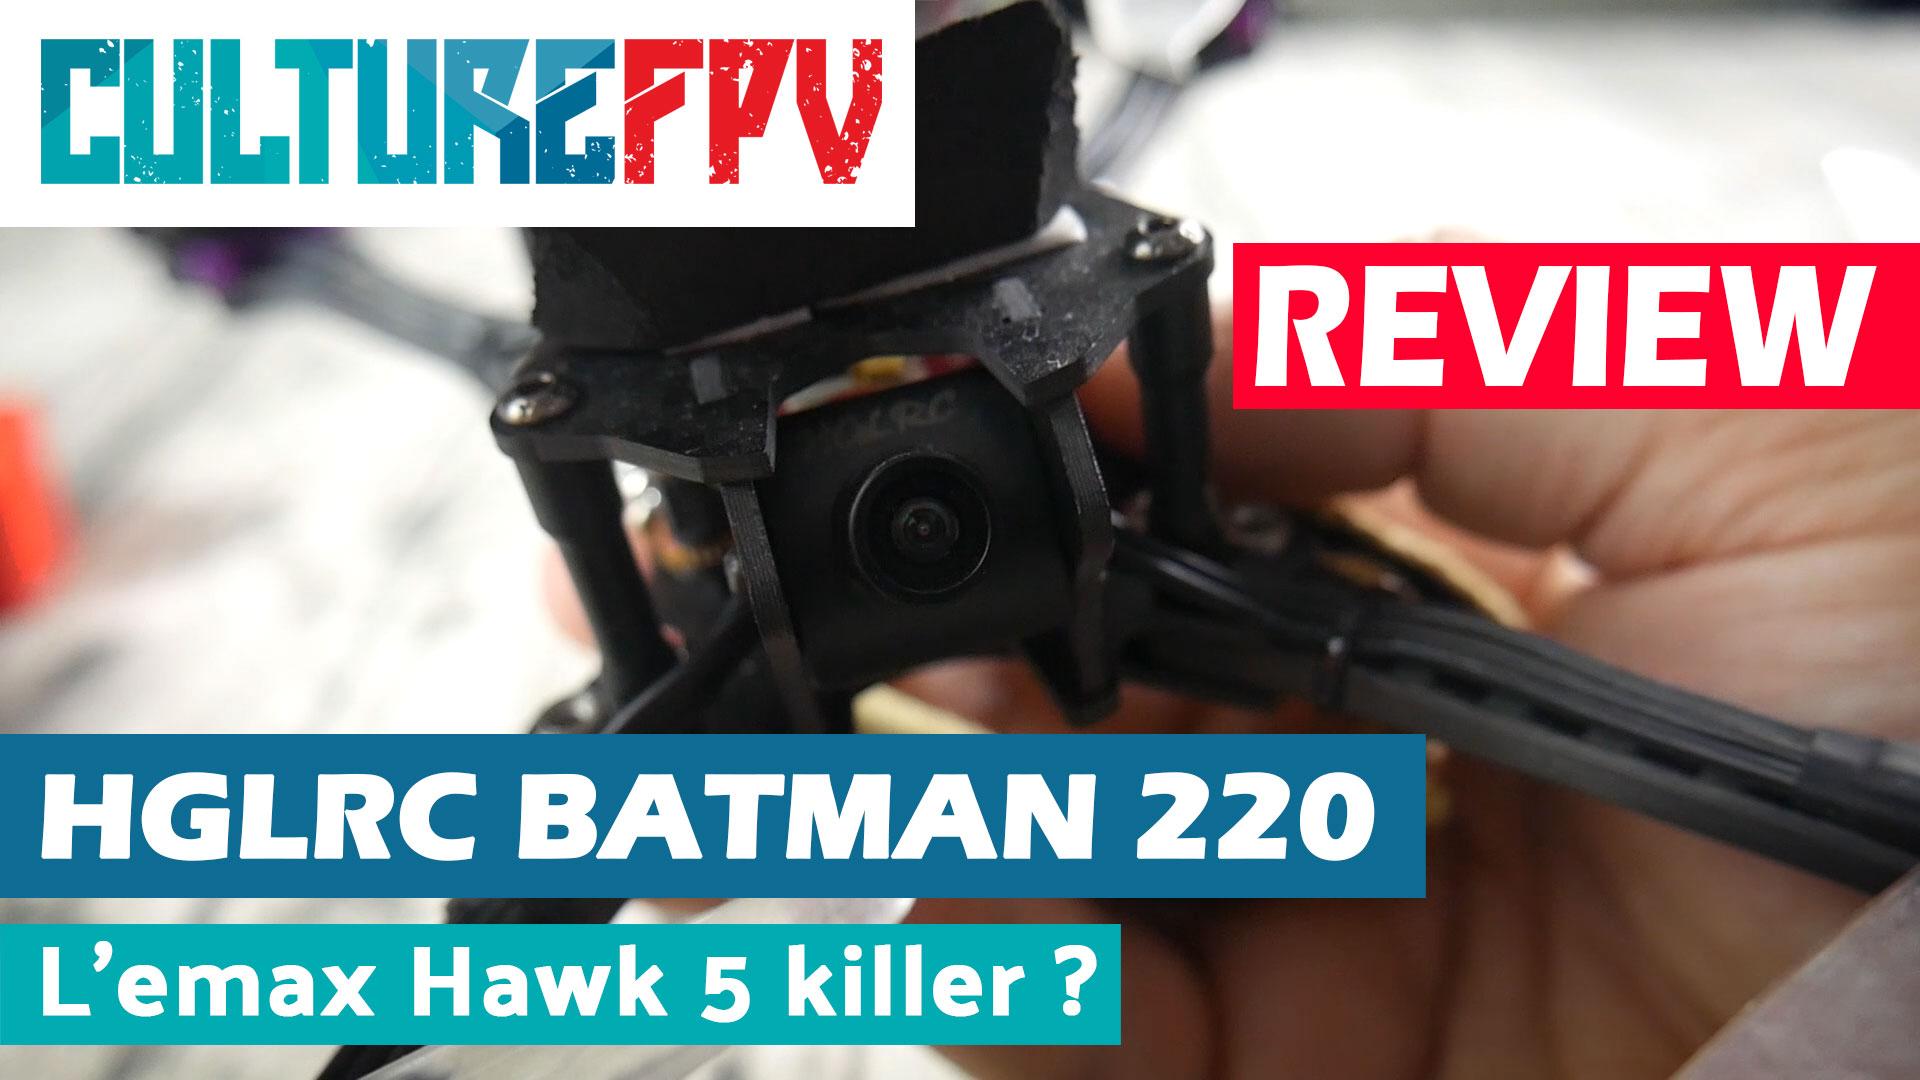 HGLRC Batman 220, l'emax Hawk 5 killer ?